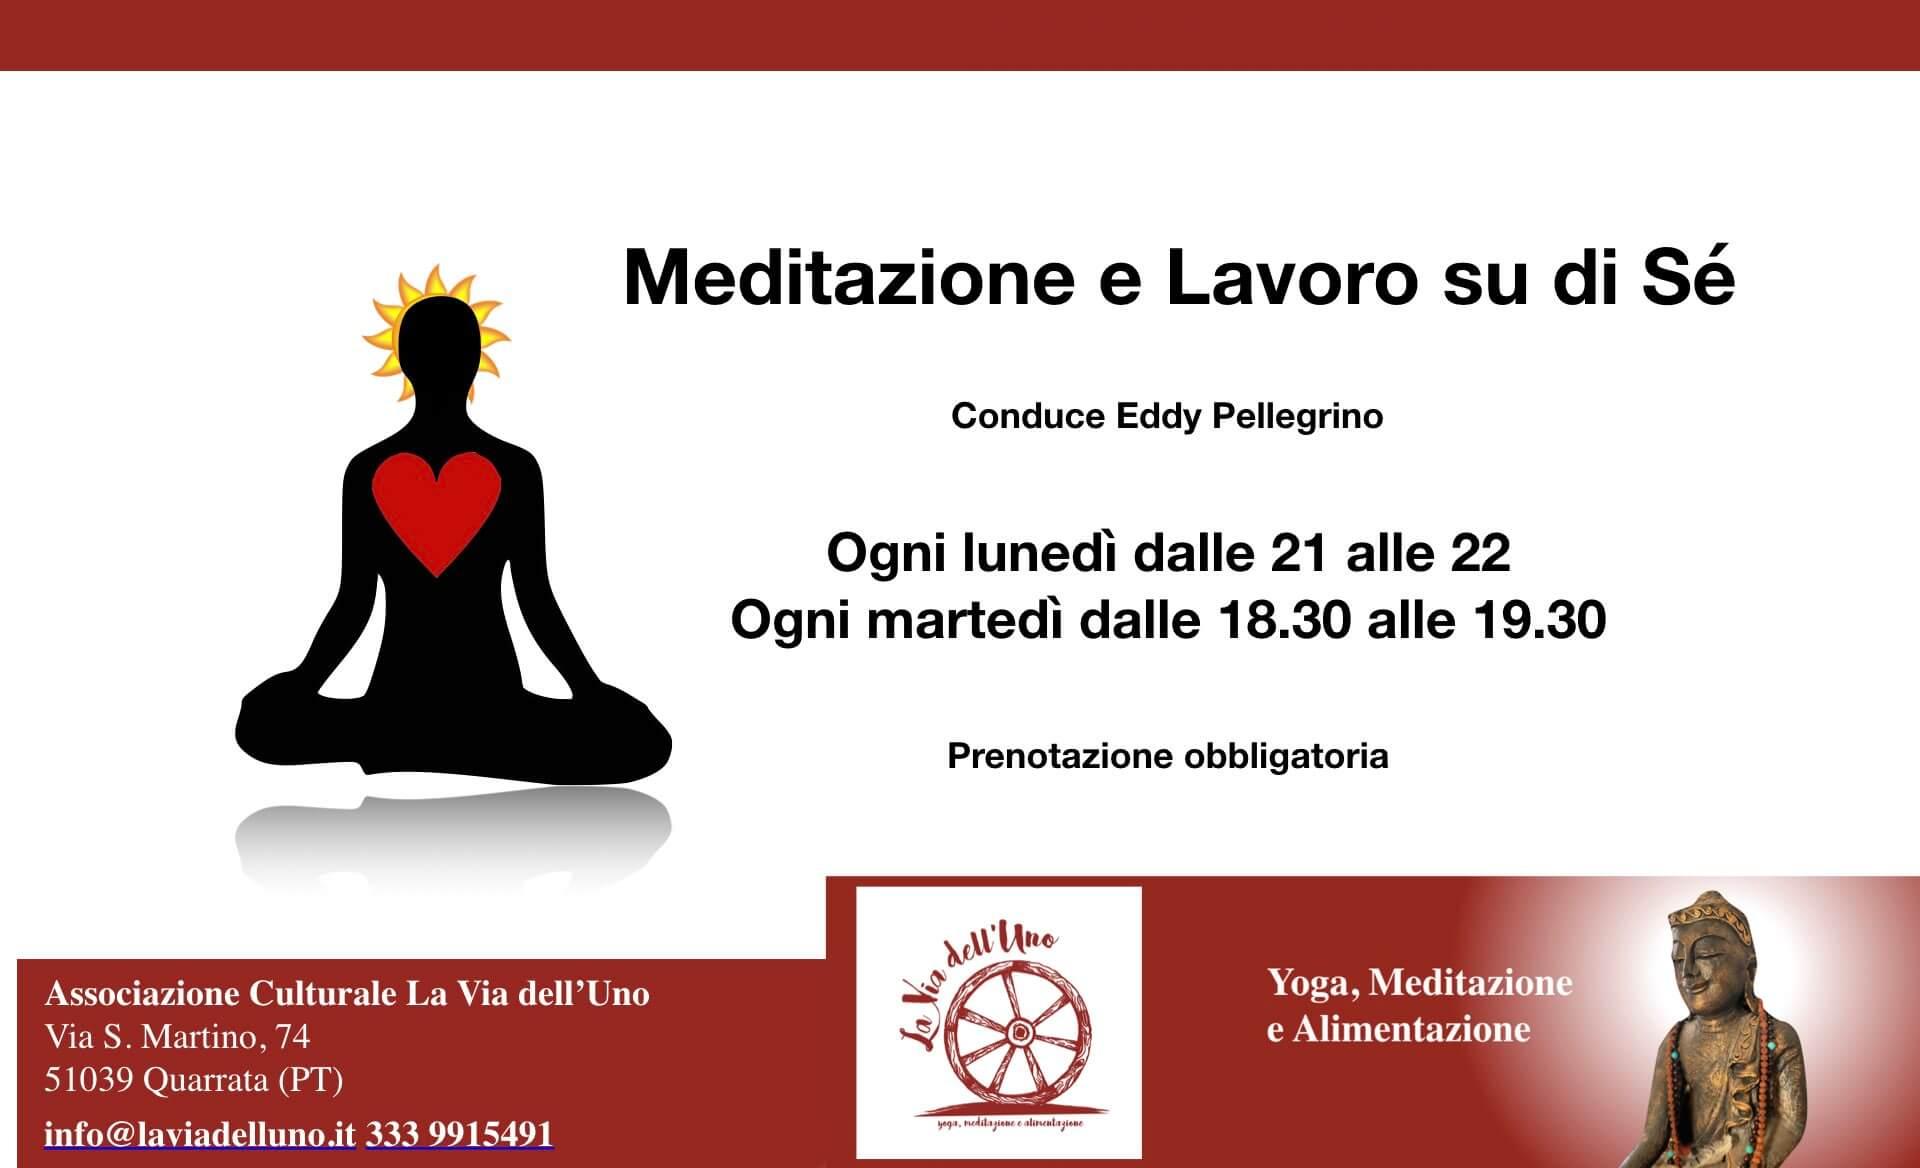 Meditazione quarrata